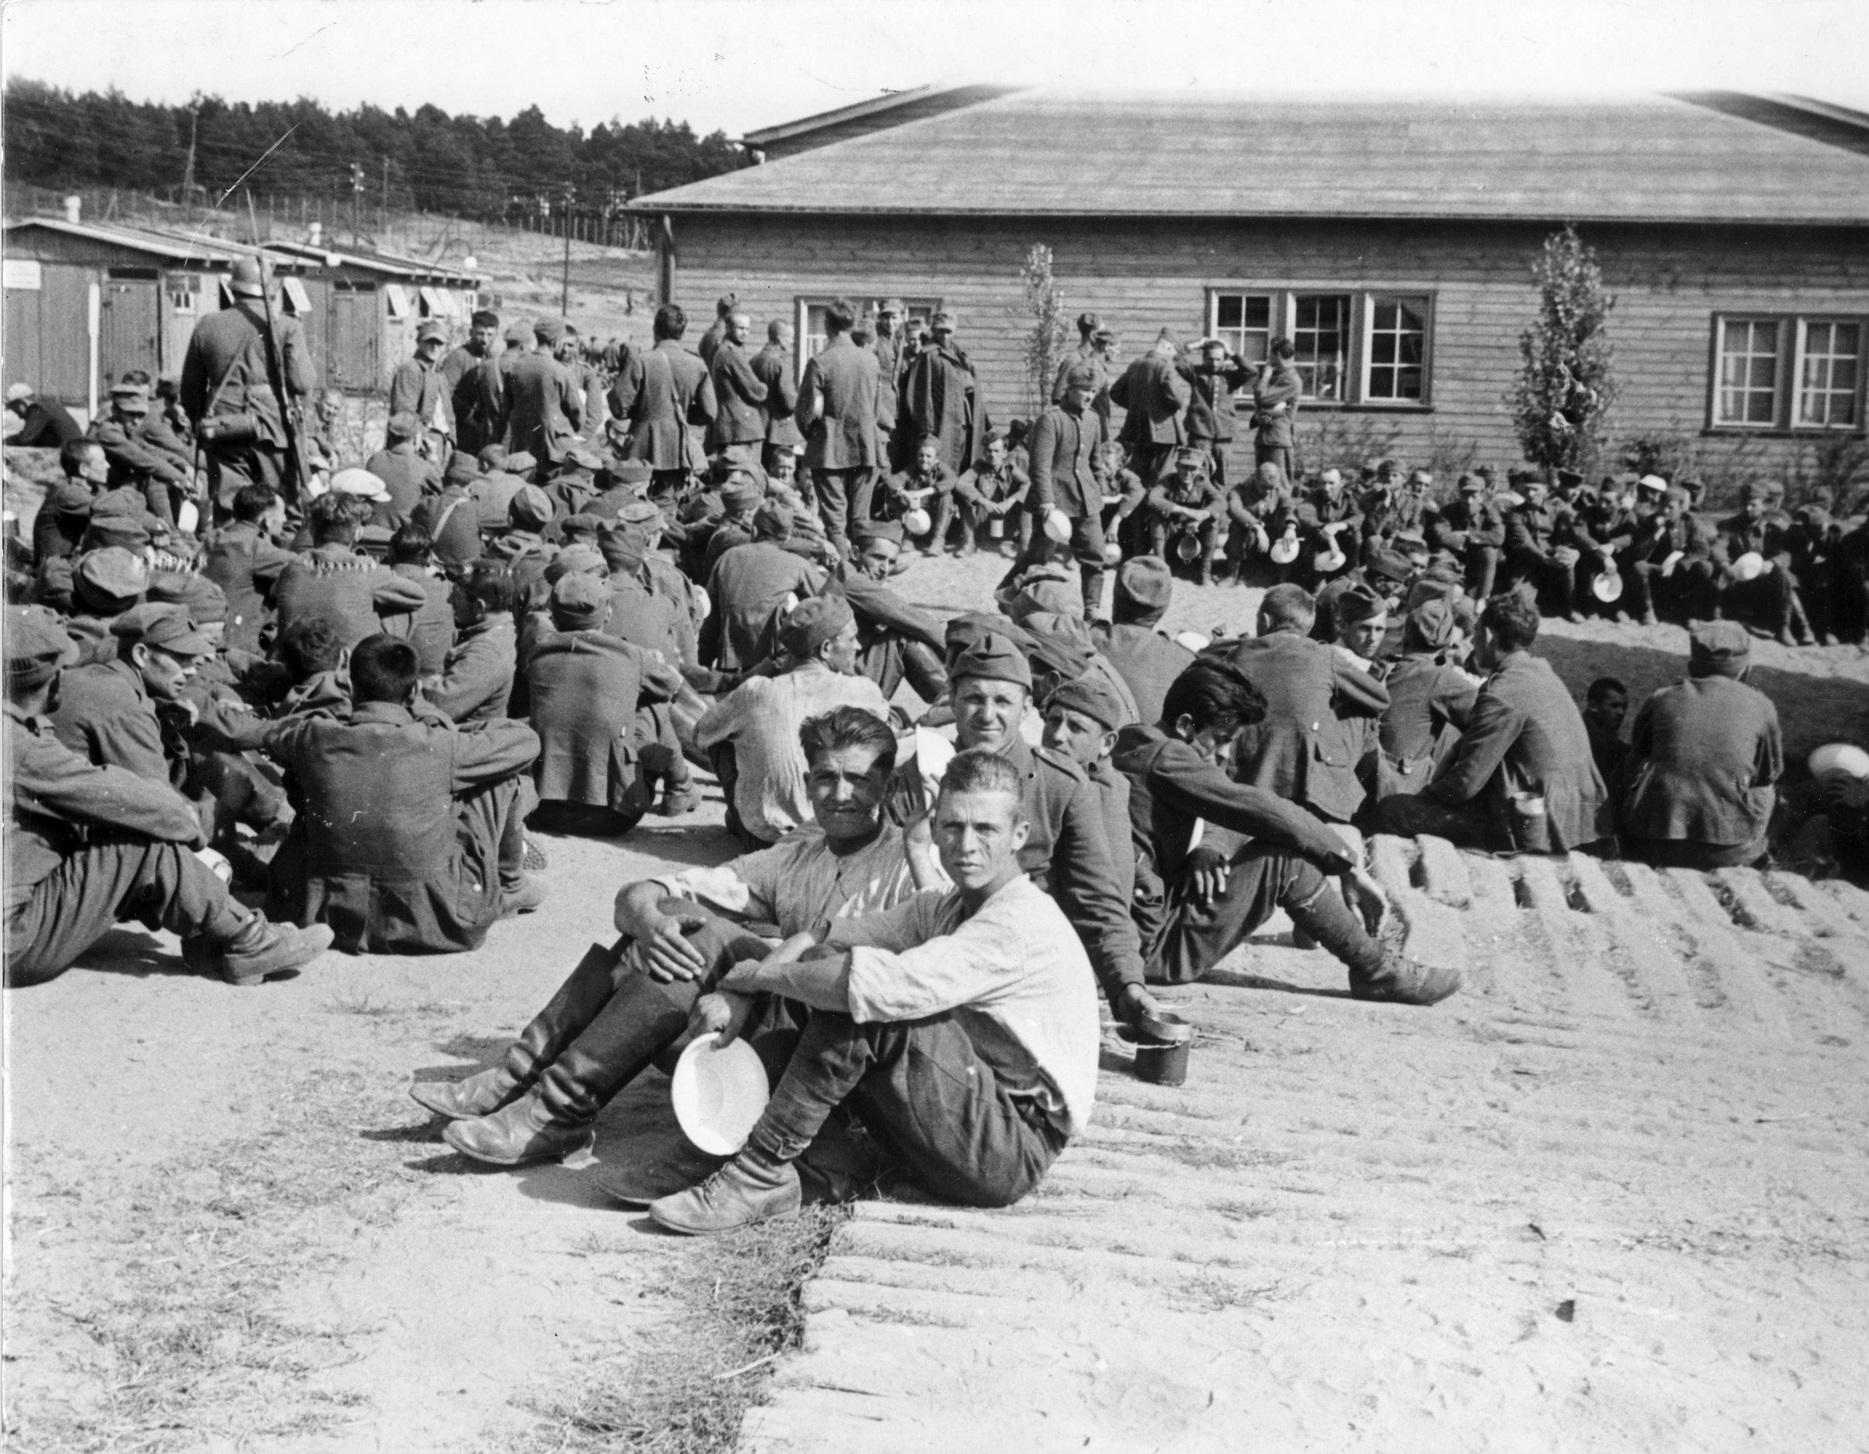 W obozie przejściowym dla polskich jeńców wojennych, więźniowie oczekujący na posiłek, 12 IX 1939, fot. Hoffmann (źródło: materiały prasowe organizatora)